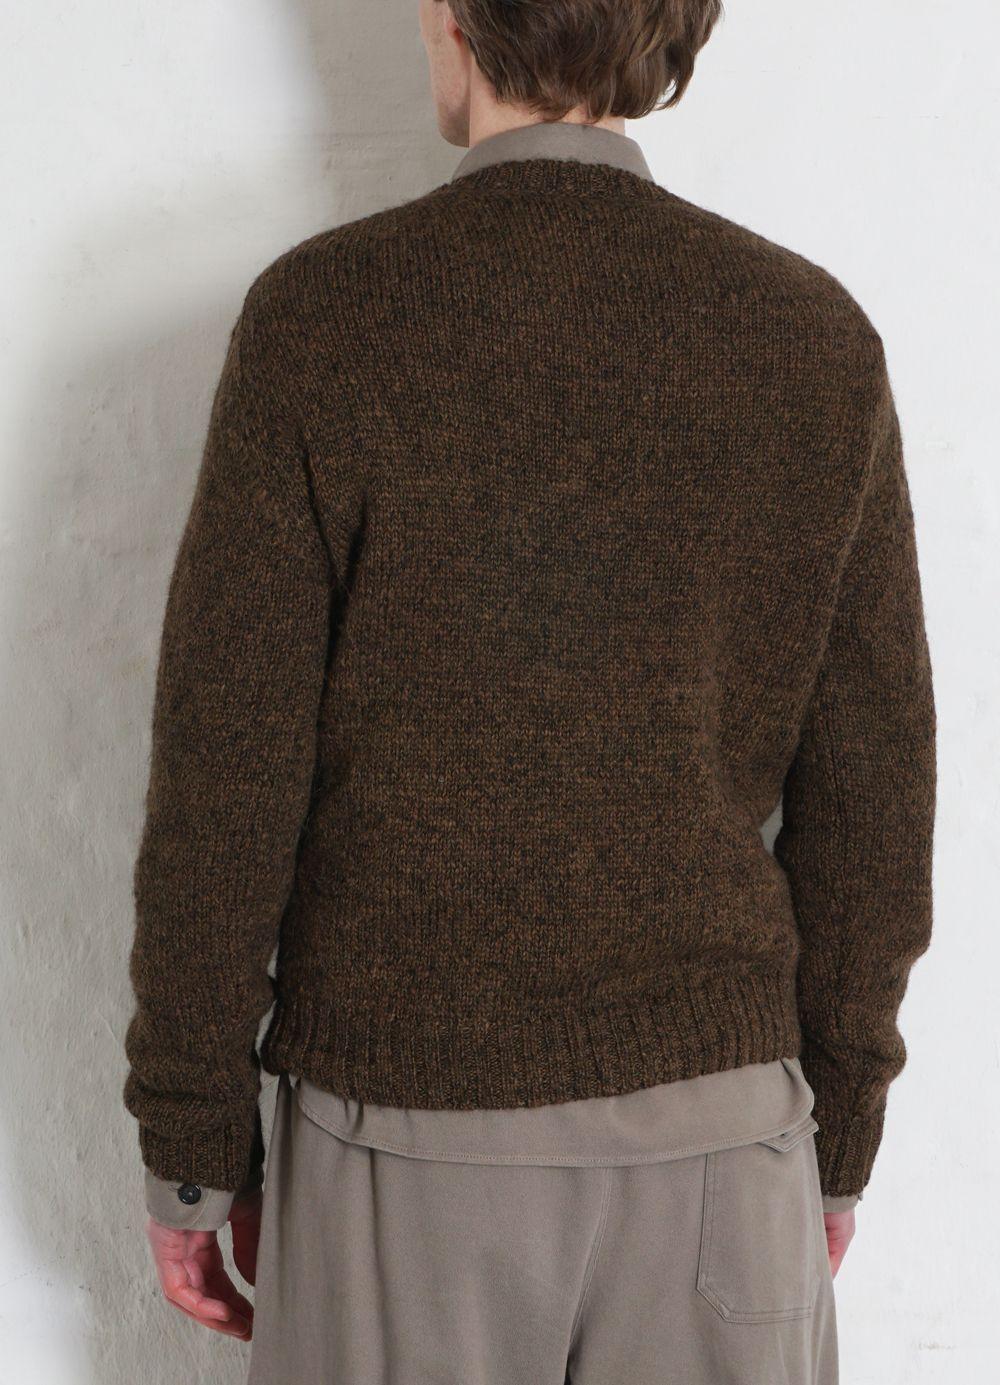 Hansen Garments MATTIAS   Knitted Crew Neck Sweater   tobacco